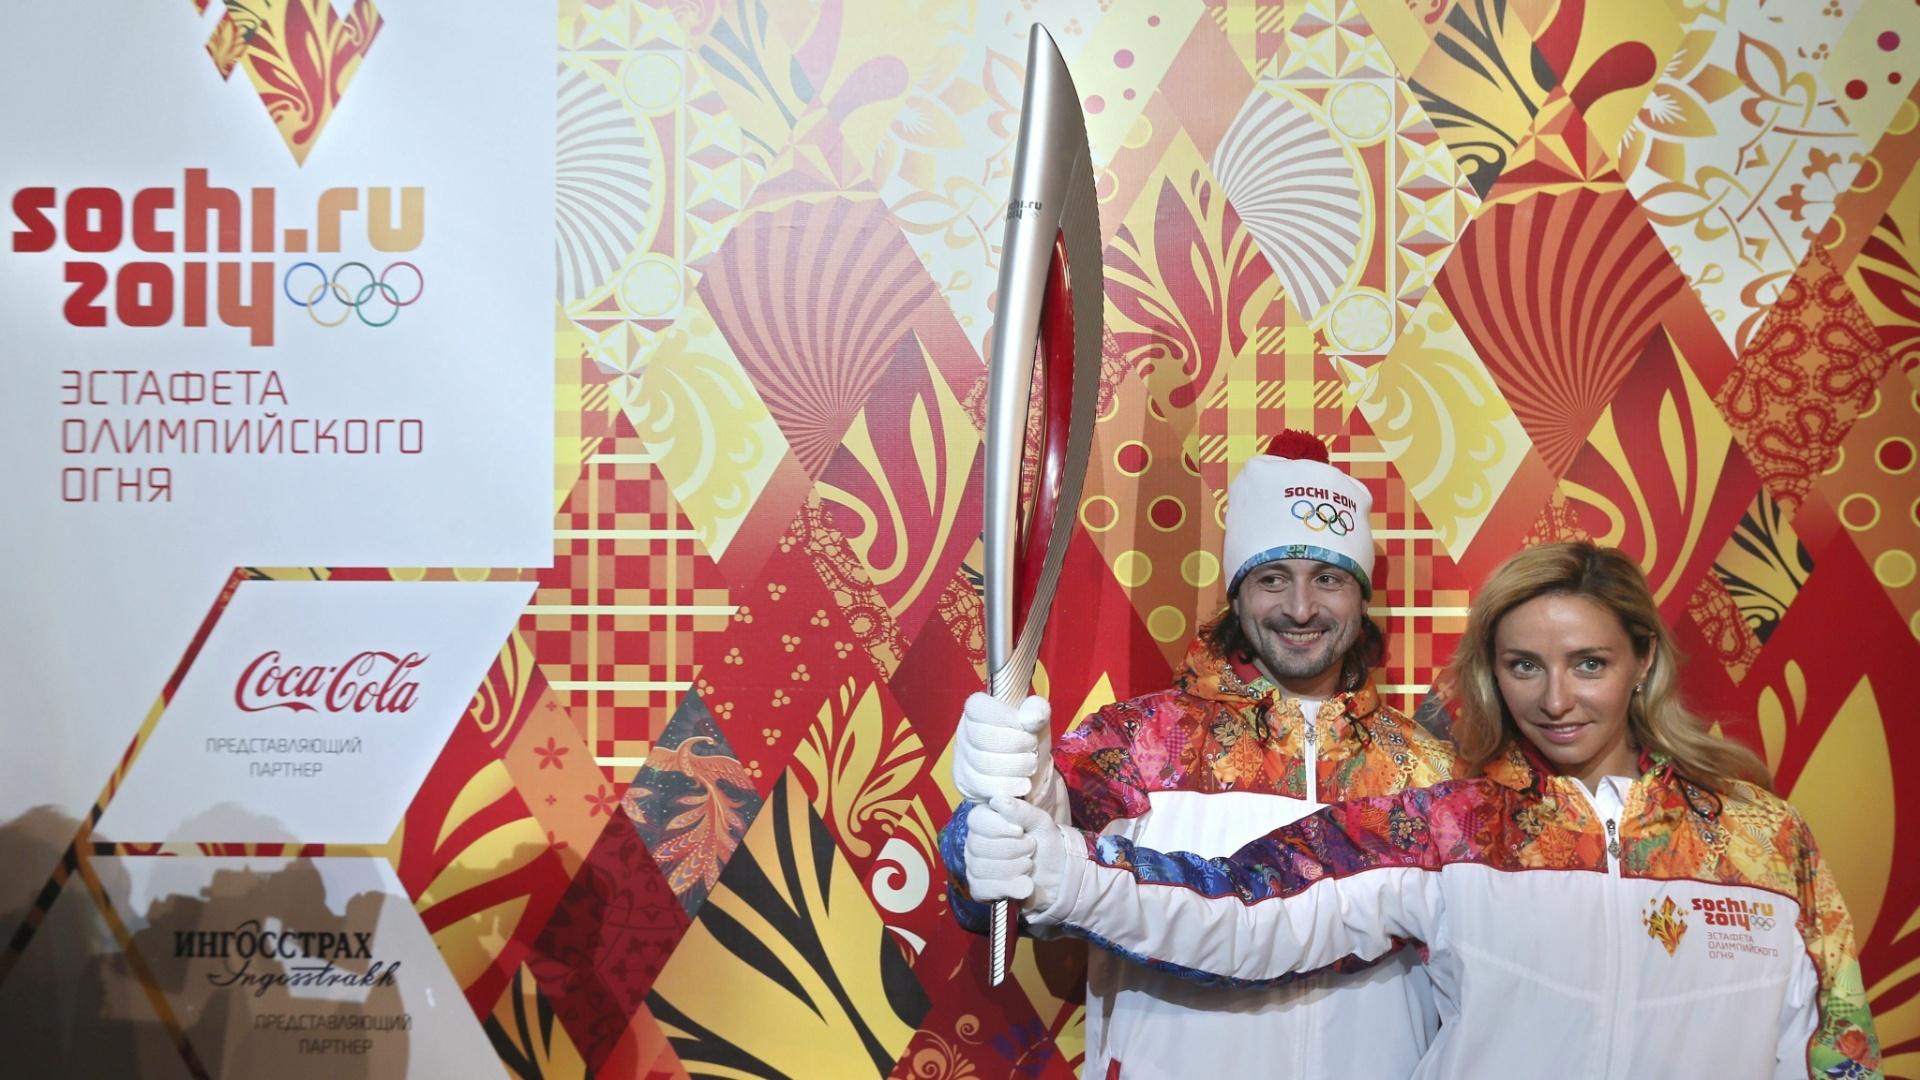 14.jan.2013 - Ilya Averbukh (e) e Tatiana Navka, embaixadores dos Jogos de Sochi-2014, mostram a tocha olímpica que passará por um revezamento de 123 dias e percorrerá mais de 65 mil quilômetros dentro da Rússia, no maior revezamento de tocha da história dos Jogos de Inverno